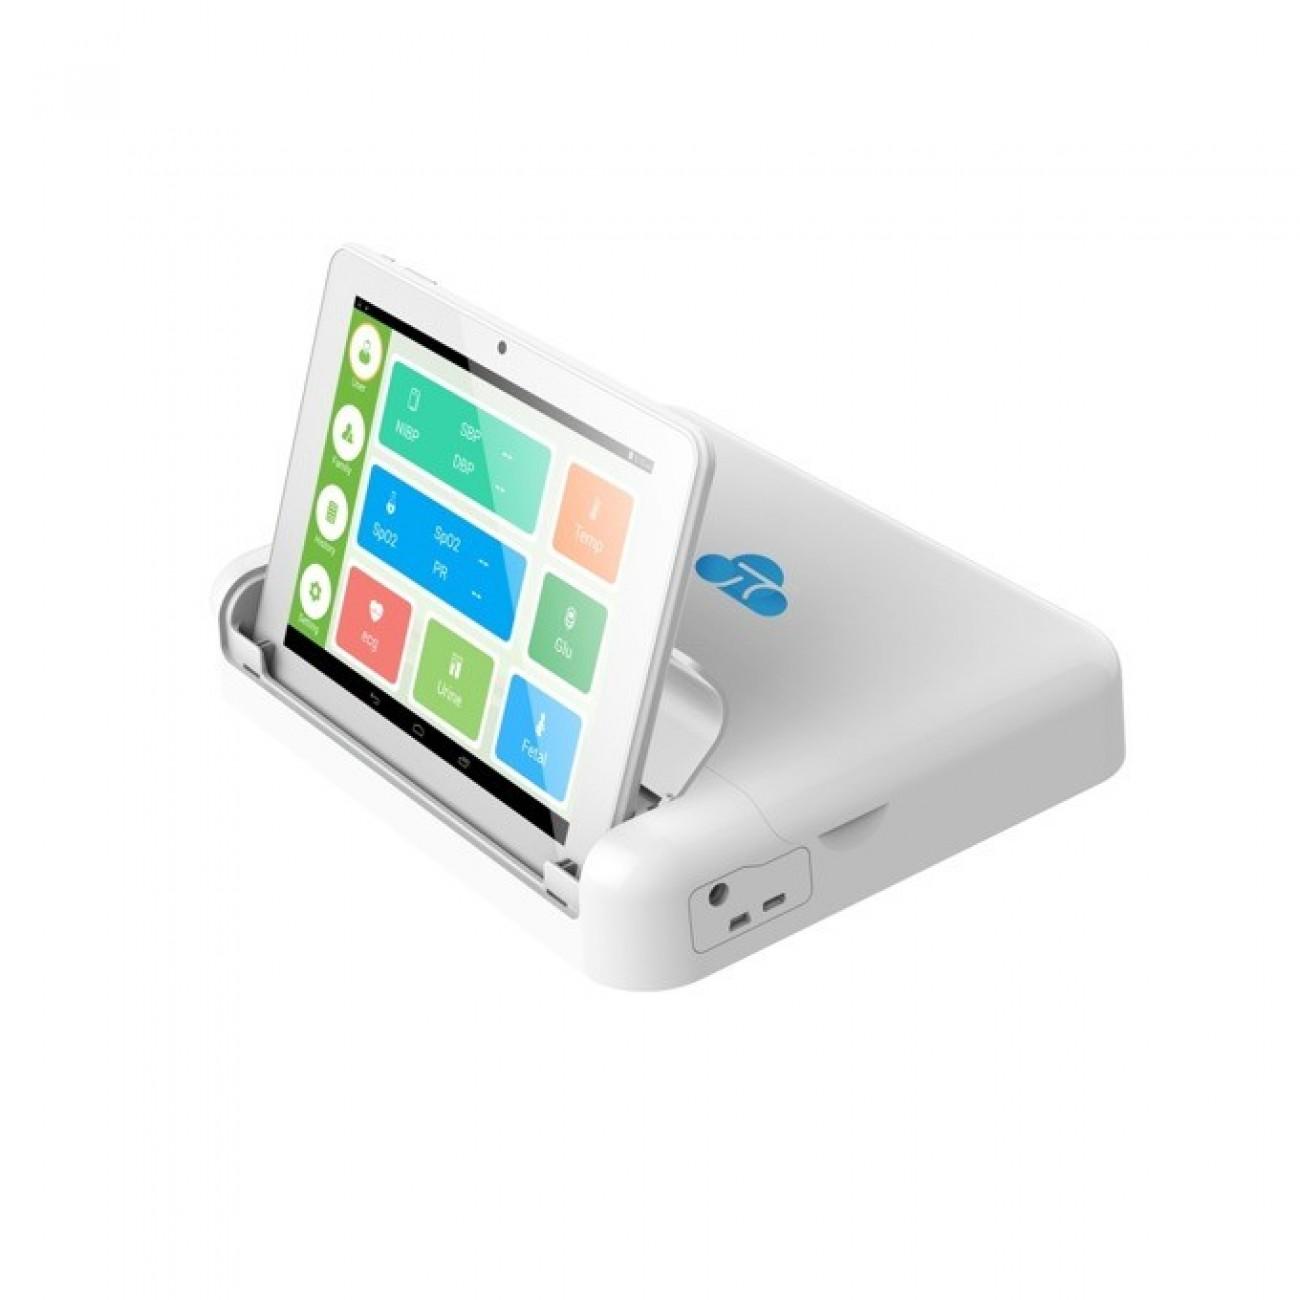 Домашен медицински анализатор ZTE H8P, Bluetooth, Wi-Fi, 2G/3G/4G, Ethernet Port, USB, SIM слот, измерва различни физиологични параметри на човешкото тяло в Здраве и Фитнес -  | Alleop